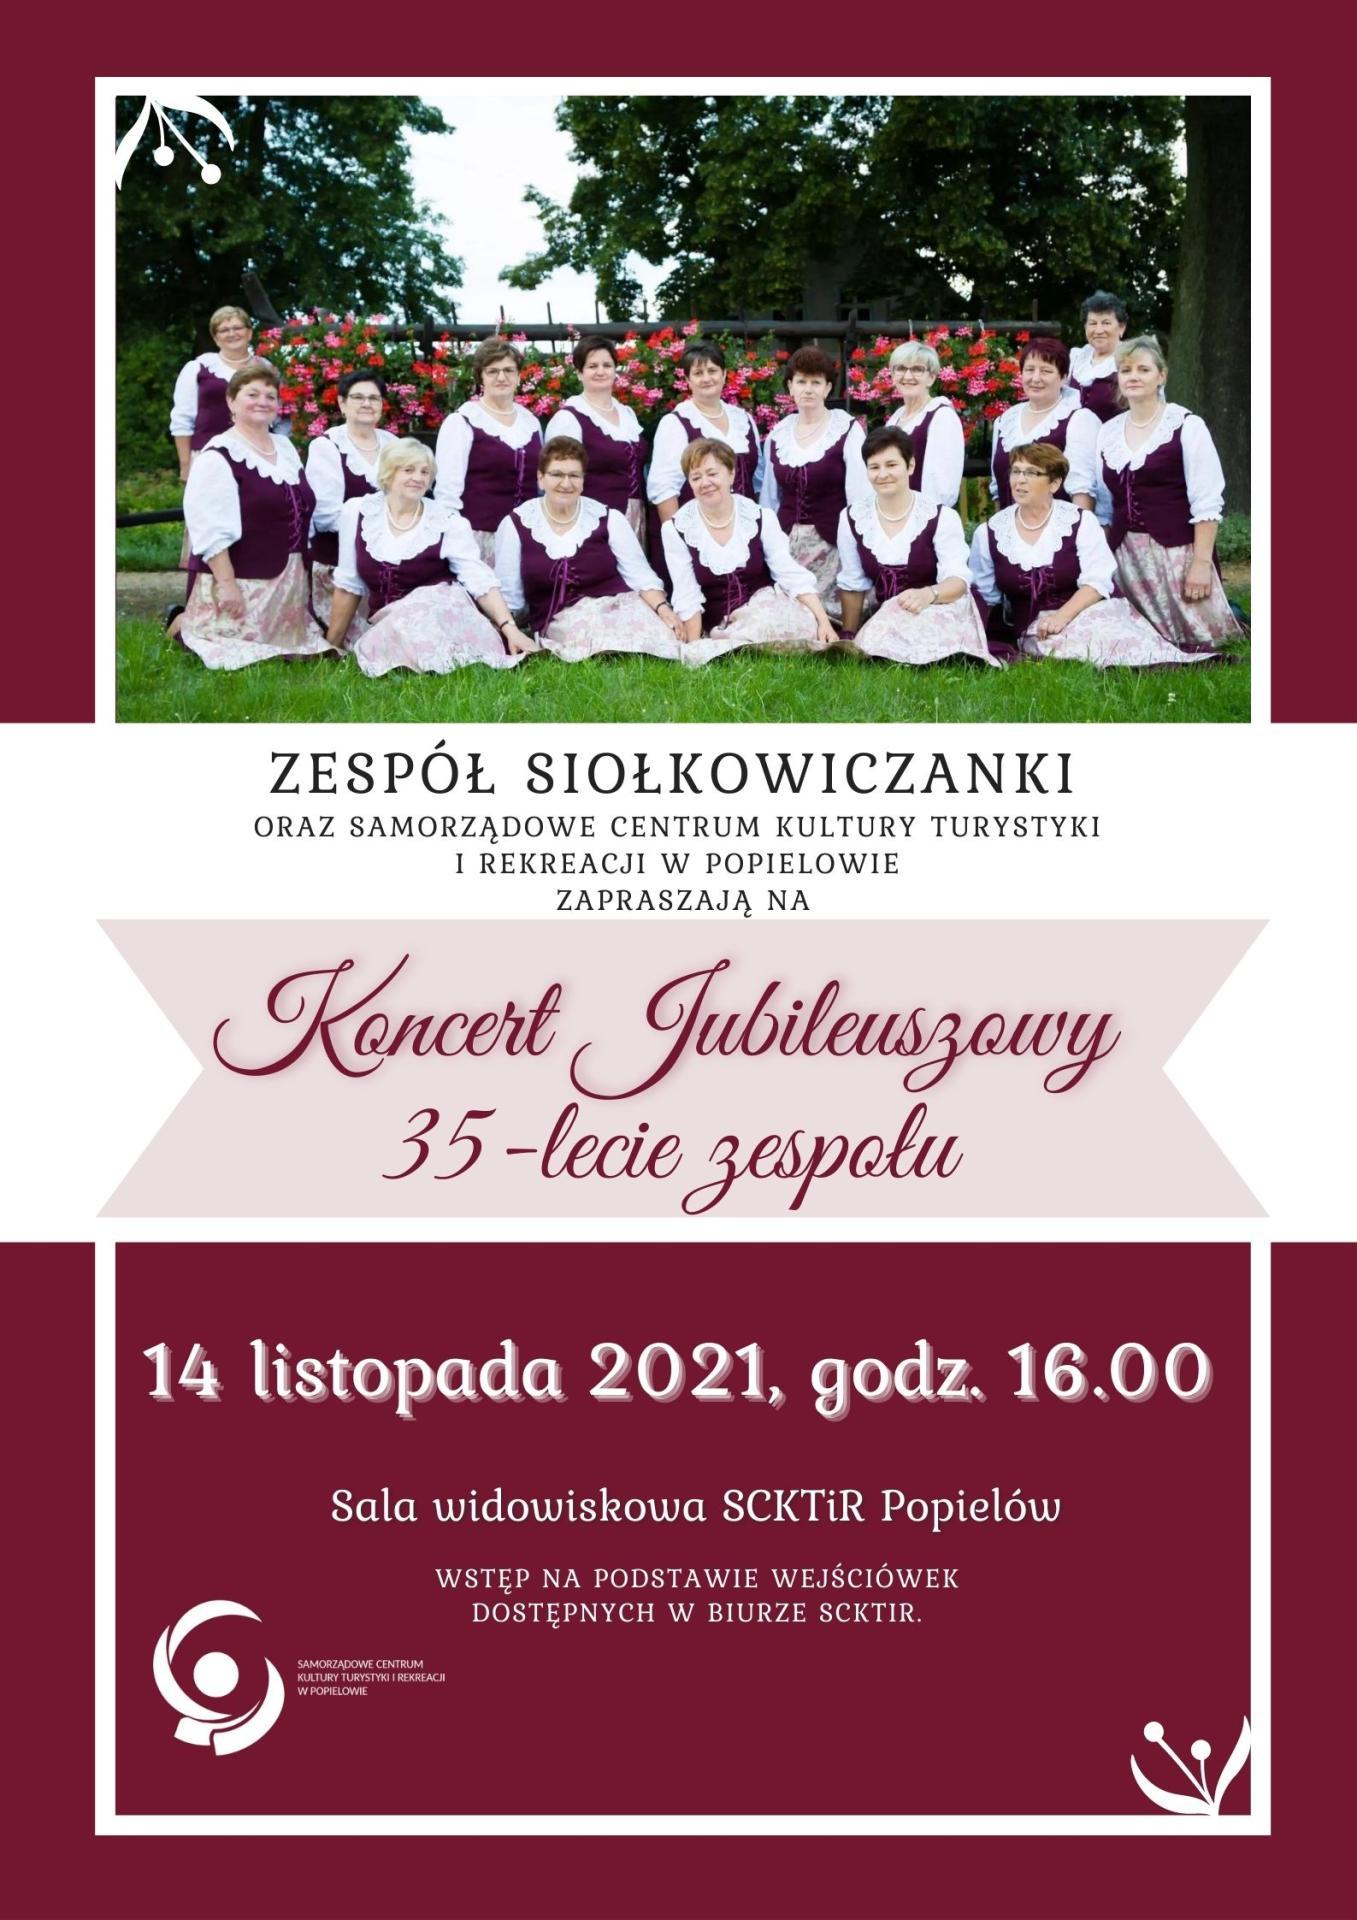 Jubileusz 35-lecia zespołu Siołkowiczanki